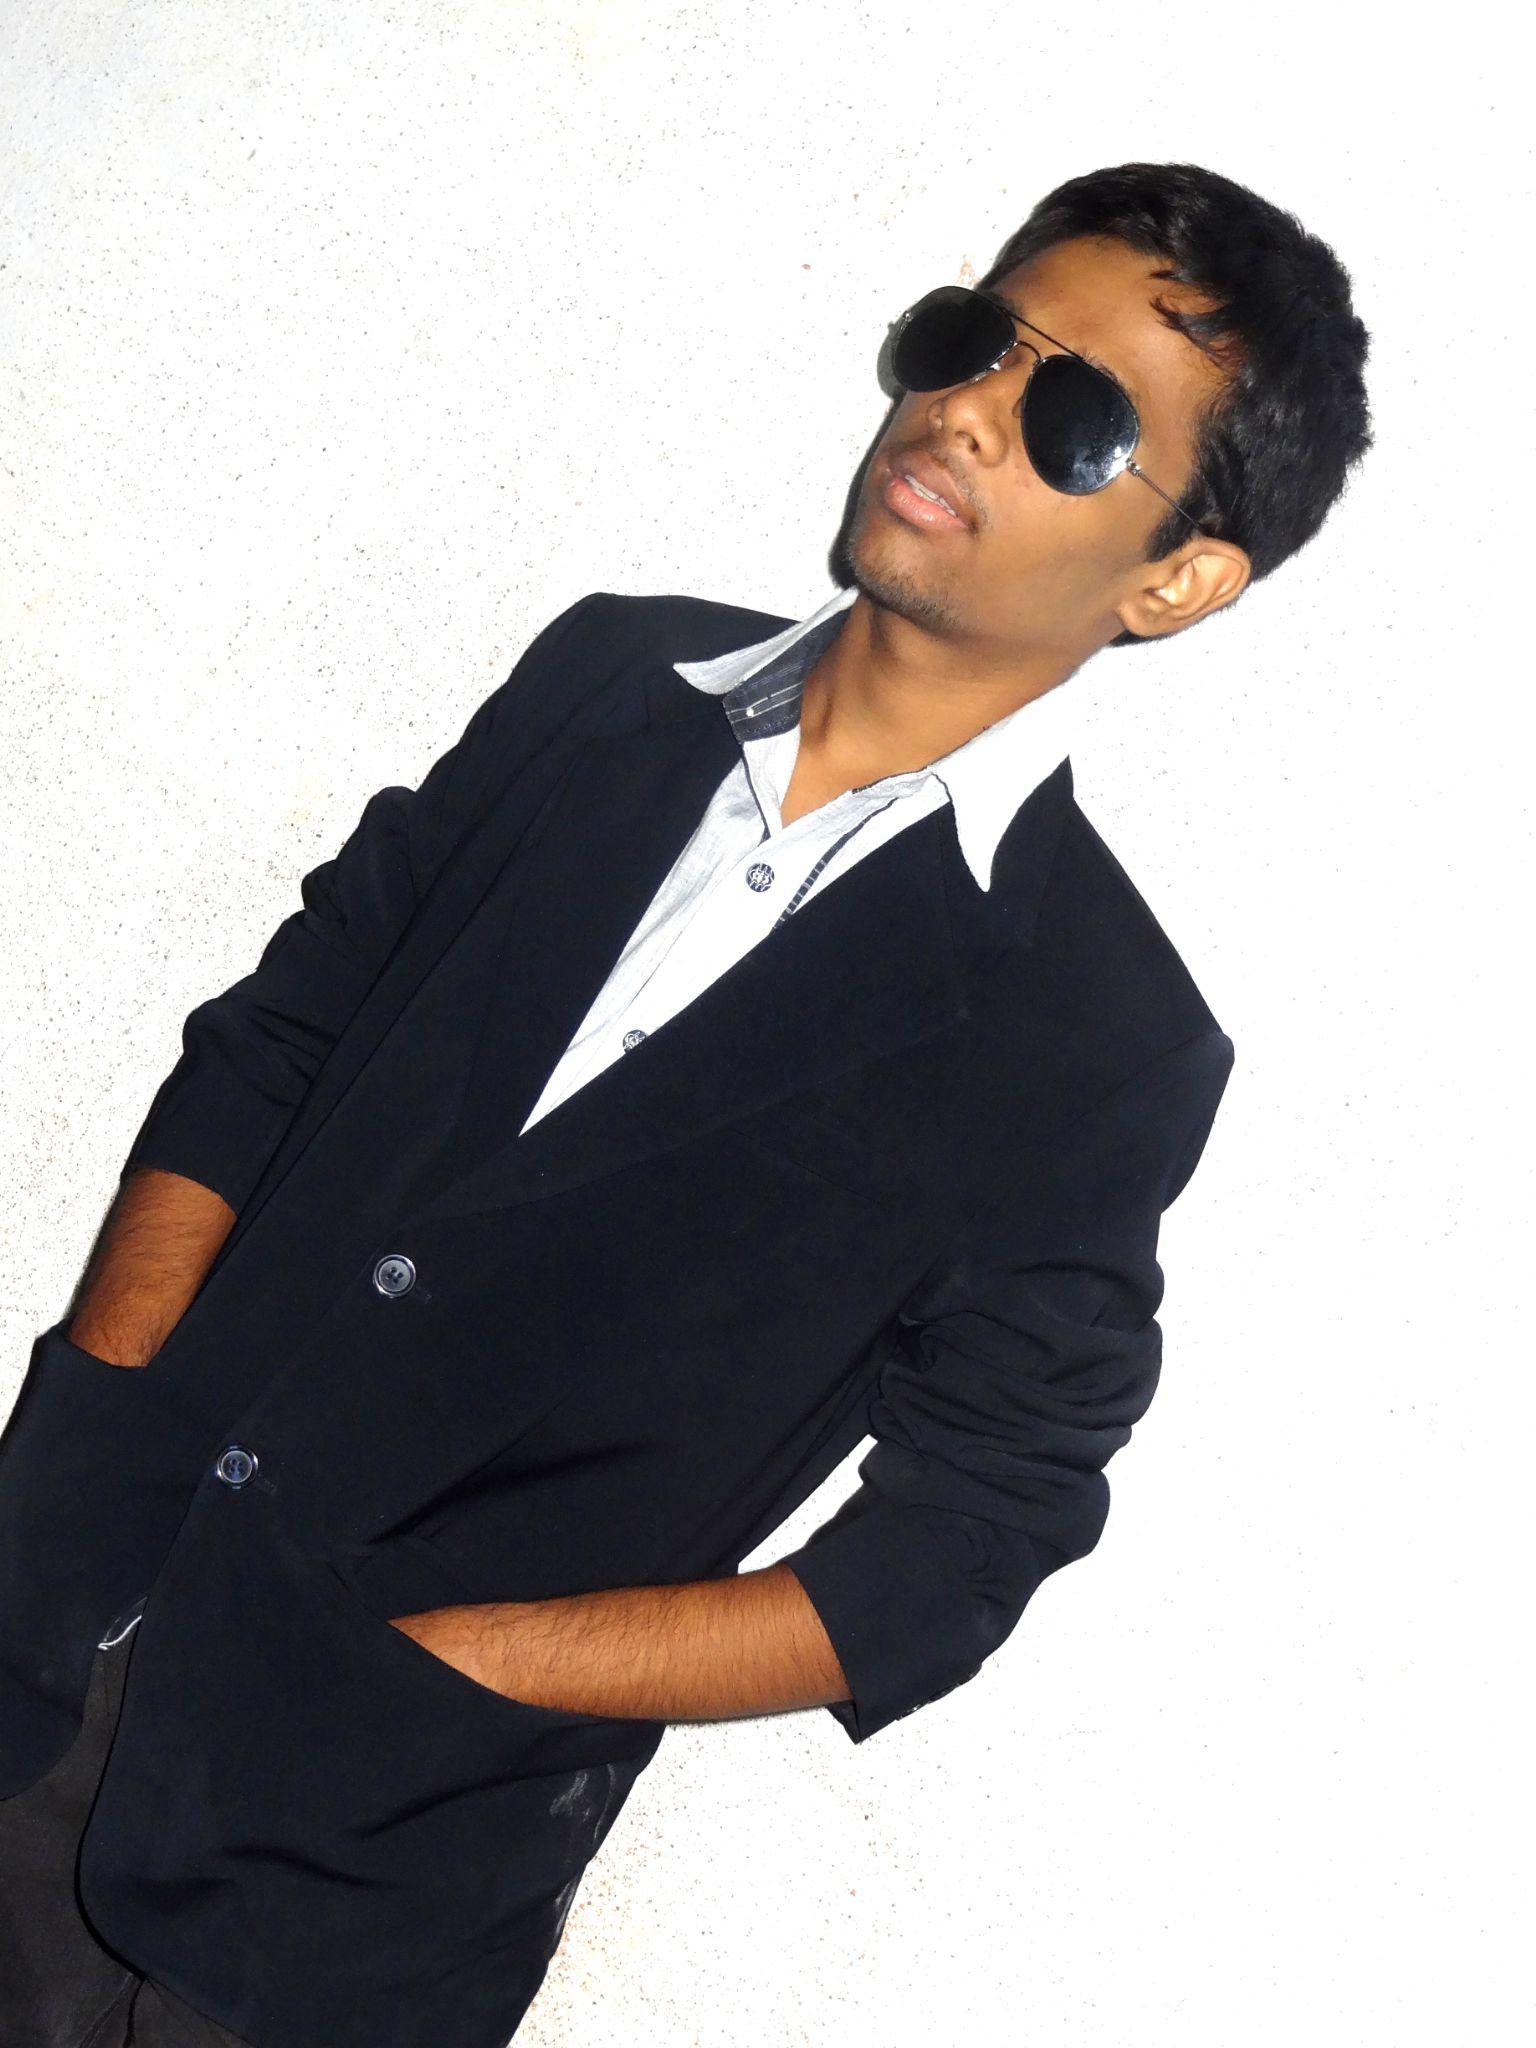 my bro by Akash Pithadiya